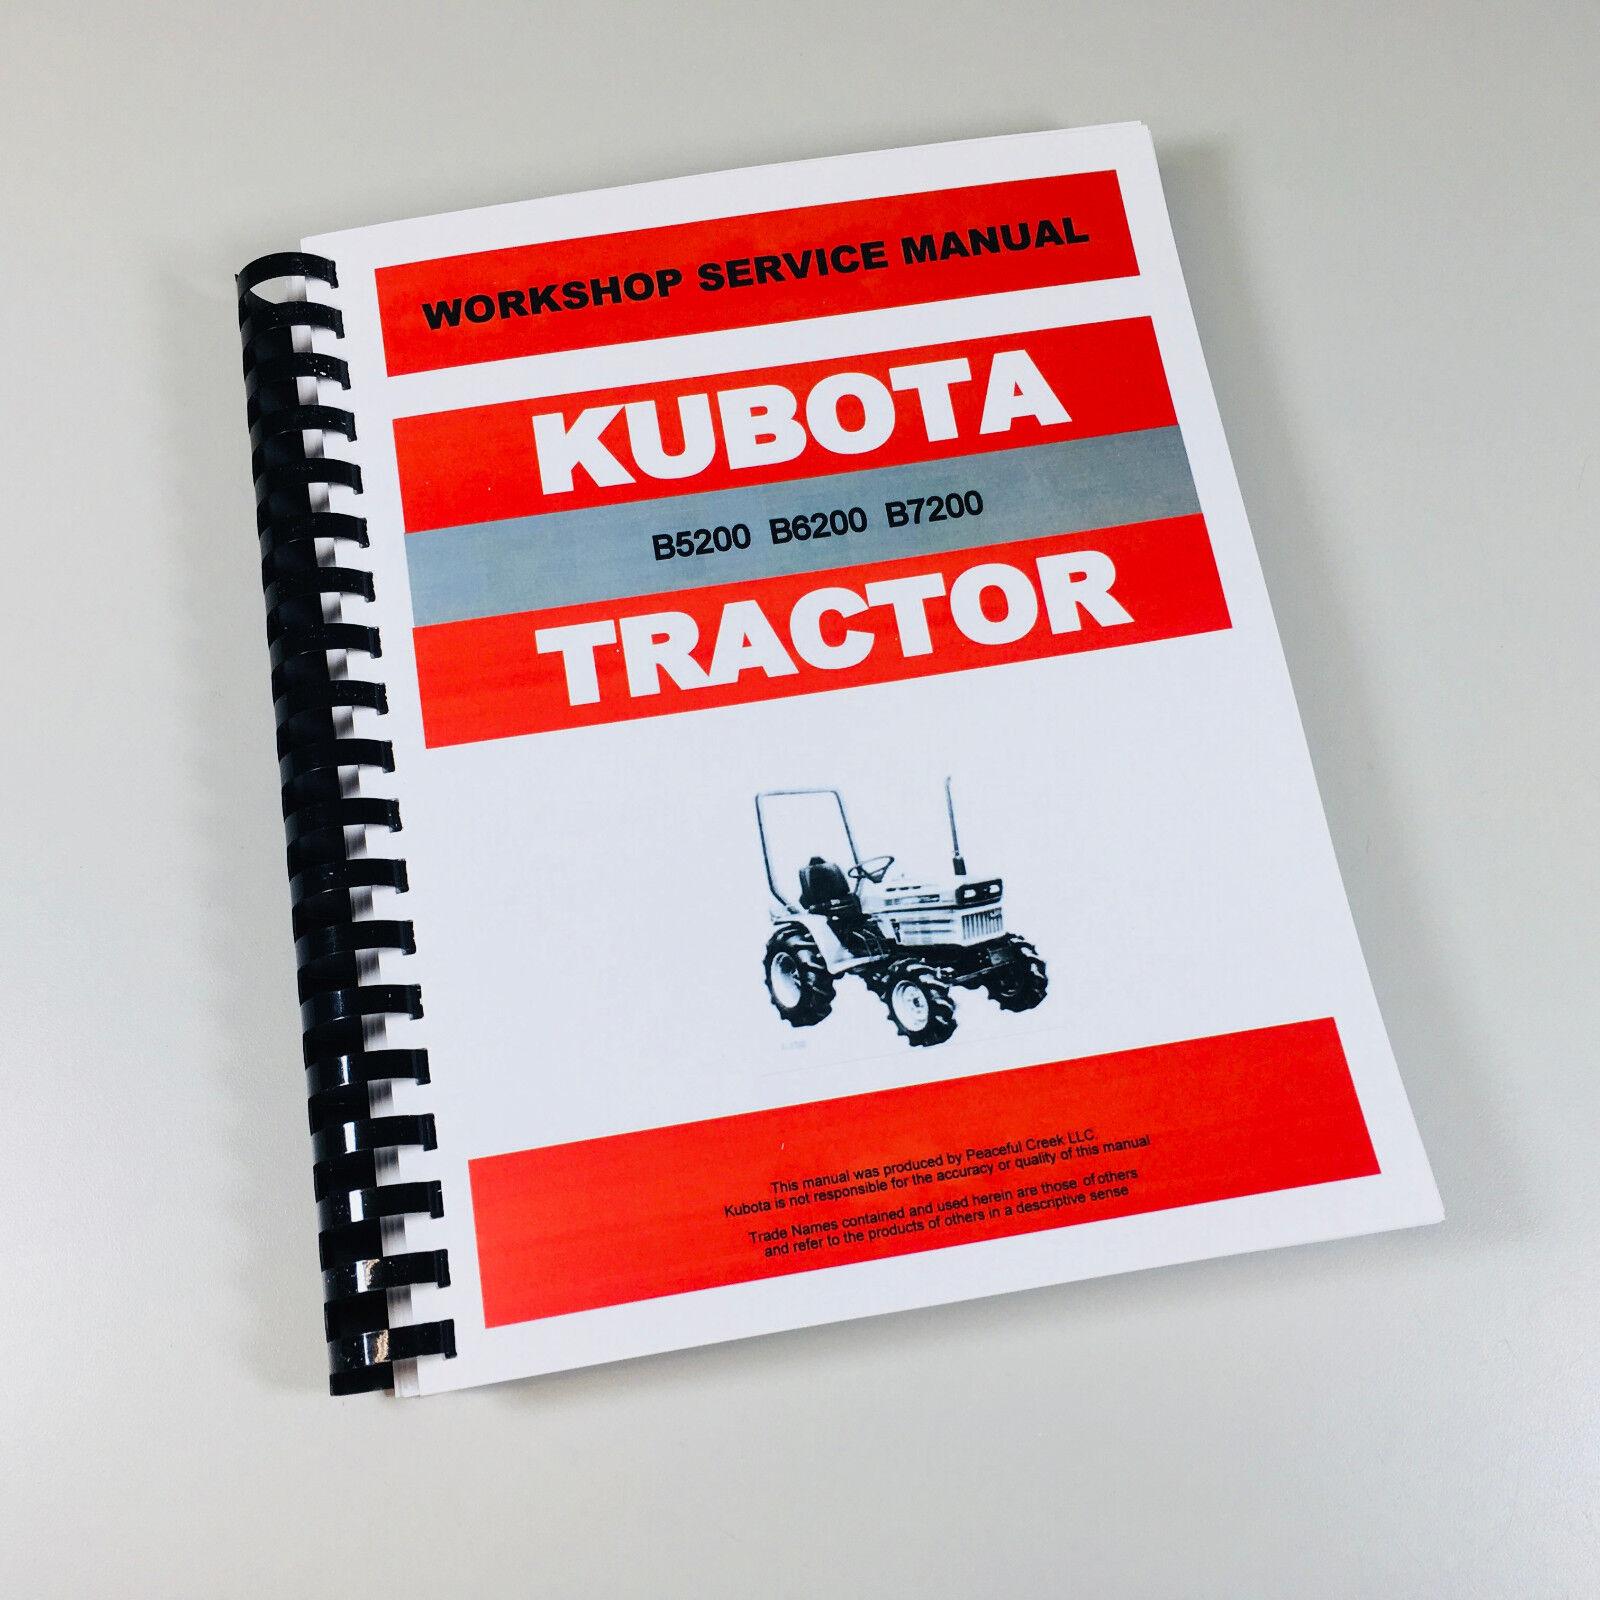 KUBOTA B7200 B7200E B7200D TRACTOR SERVICE REPAIR MANUAL TECHNICAL on kubota tractor hydraulic oil, kubota l175, kubota l2250 manual, kubota l235, kubota dealers in texas, kubota m7950, kubota parts, kubota power steering cylinder, kubota b7200hst, kubota l260, kubota fz2100 4wd zero turn, kubota b7100, kubota b1750 loader, kubota b8200, kubota fz2400, kubota 3000 series, kubota l245h, kubota tractor with bucket, kubota 3000 tractor review,